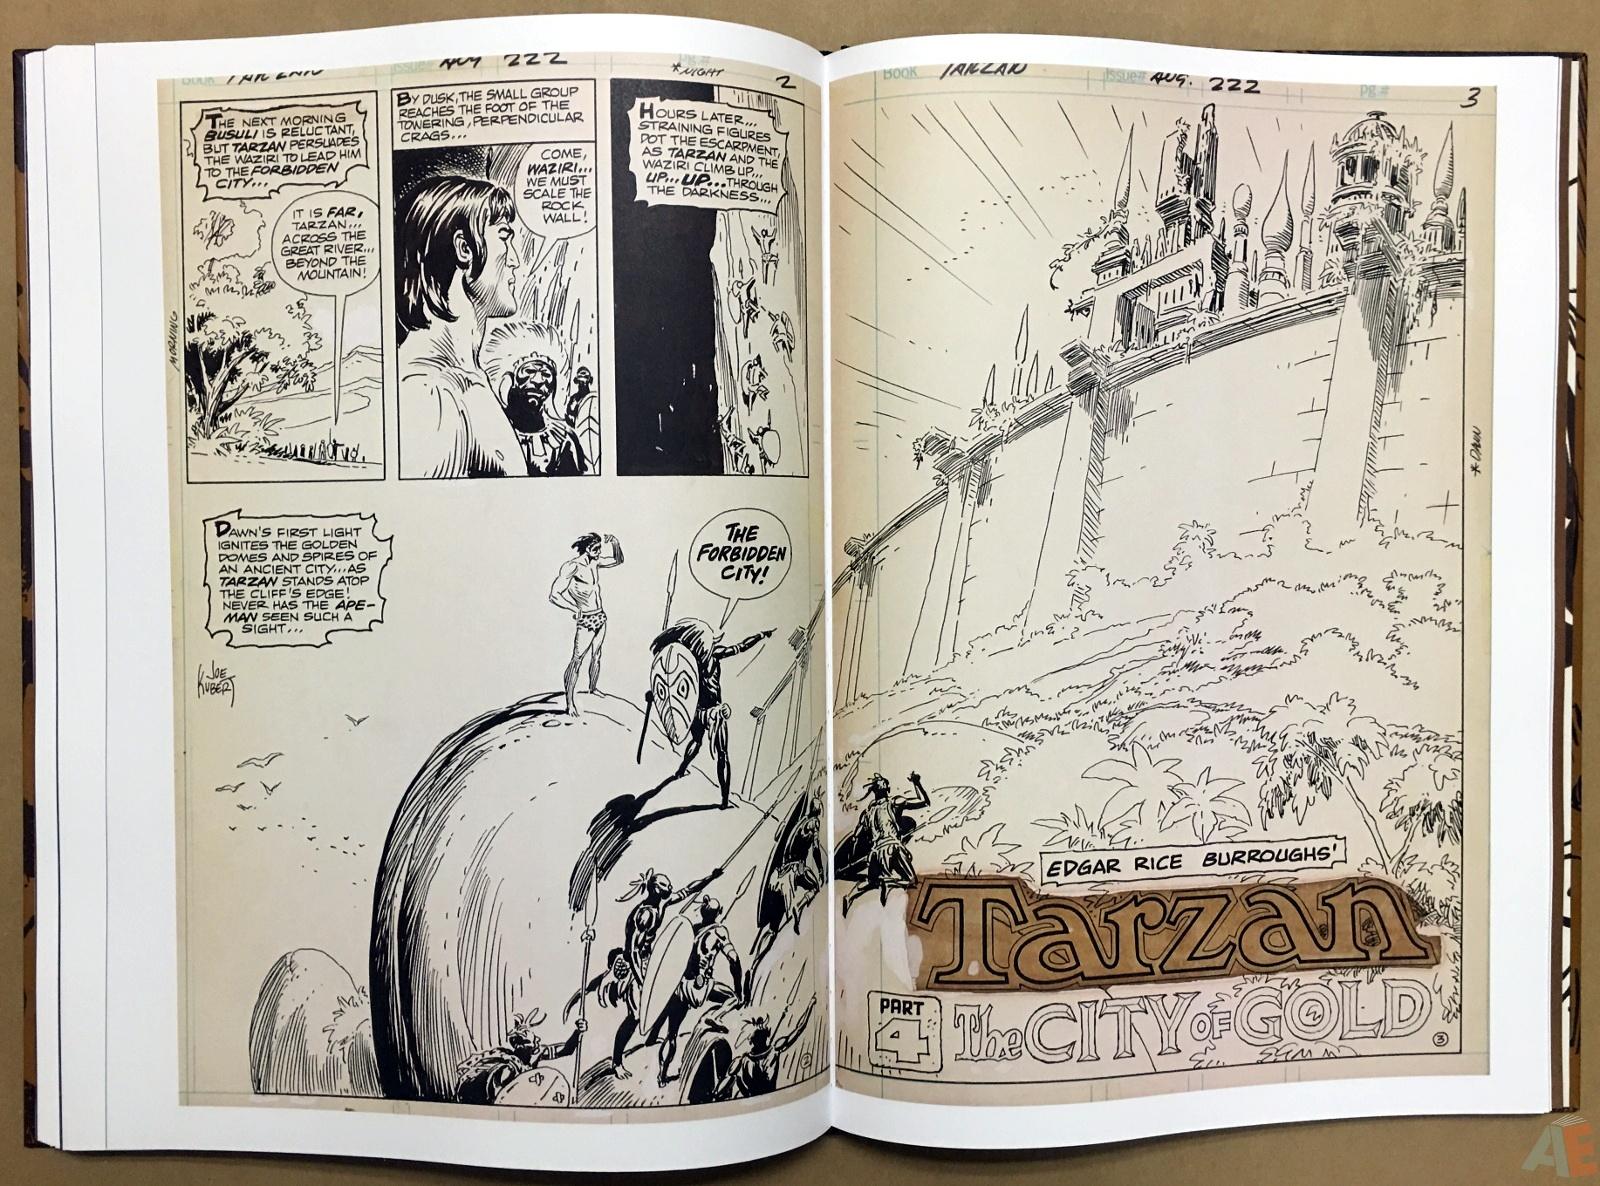 Joe Kubert's The Return Of Tarzan Artist's Edition 42